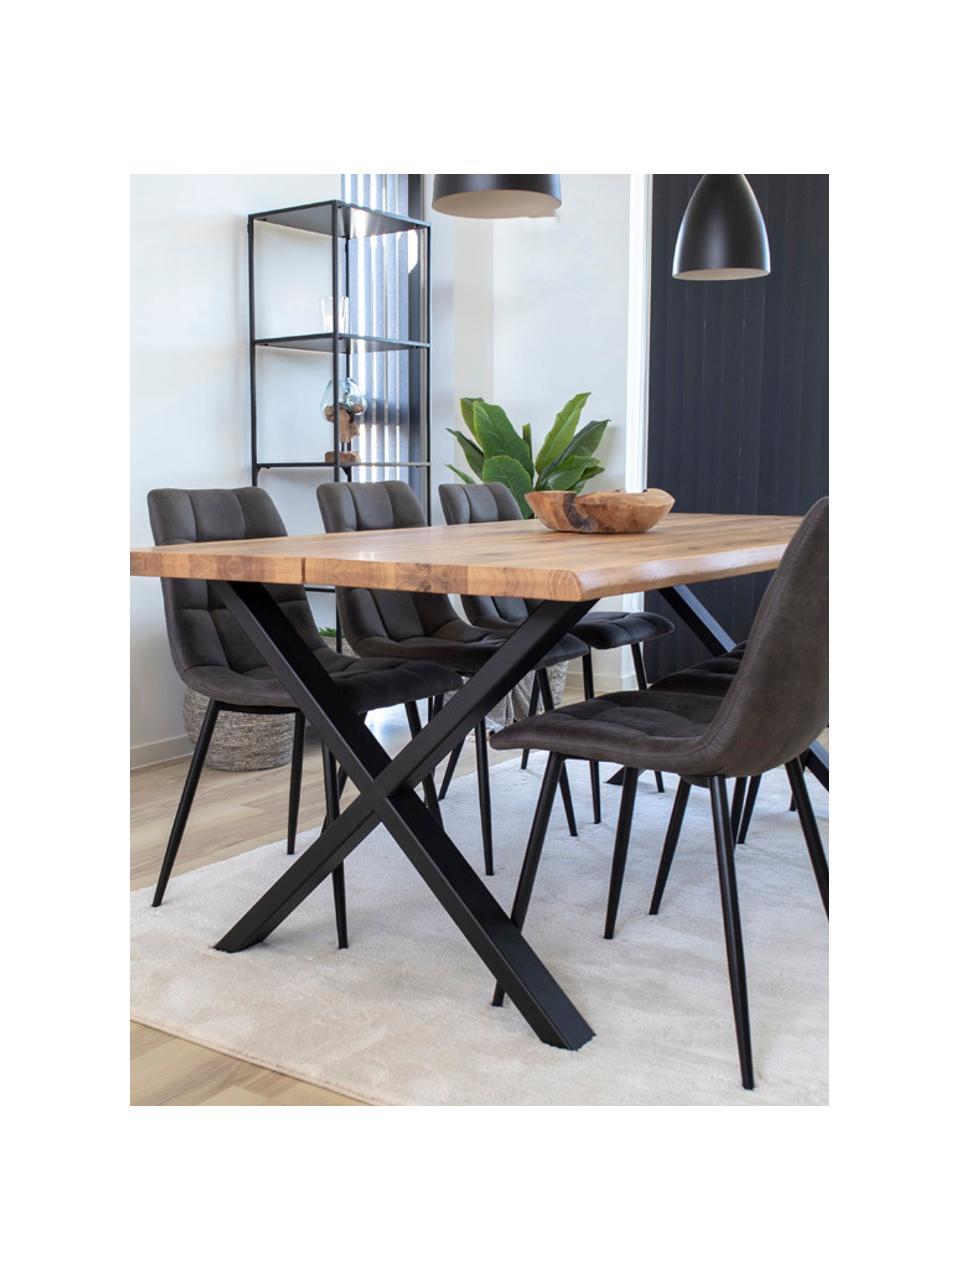 Krzesło tapicerowane z aksamitu Middleton, Tapicerka: aksamit Dzięki tkaninie w, Nogi: metal lakierowany, Szary, S 55 x G 44 cm